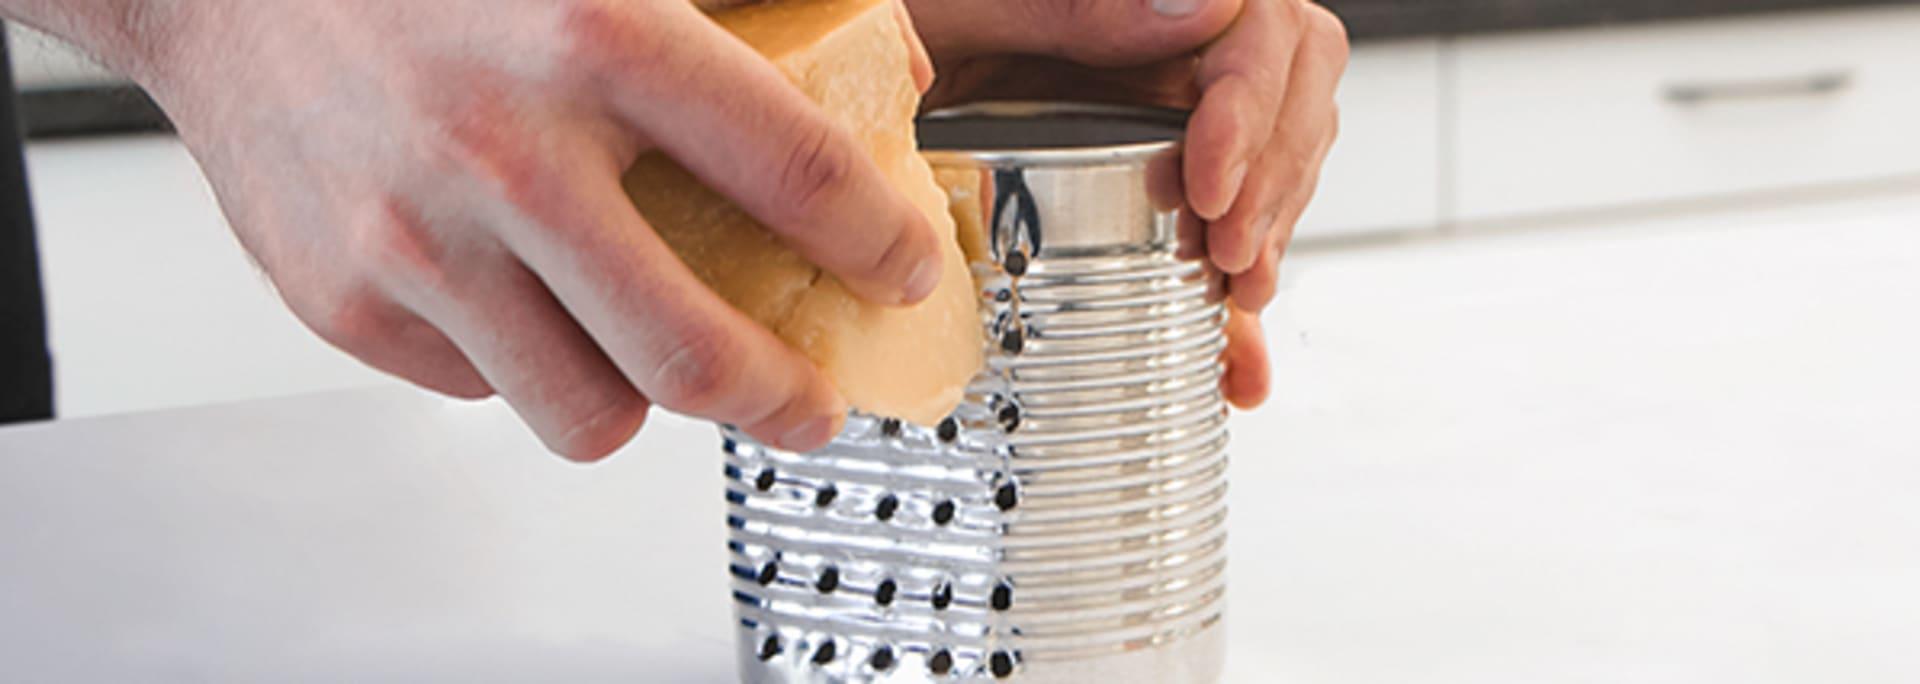 Idées sympas pour le surcyclage: La râpe à fromage